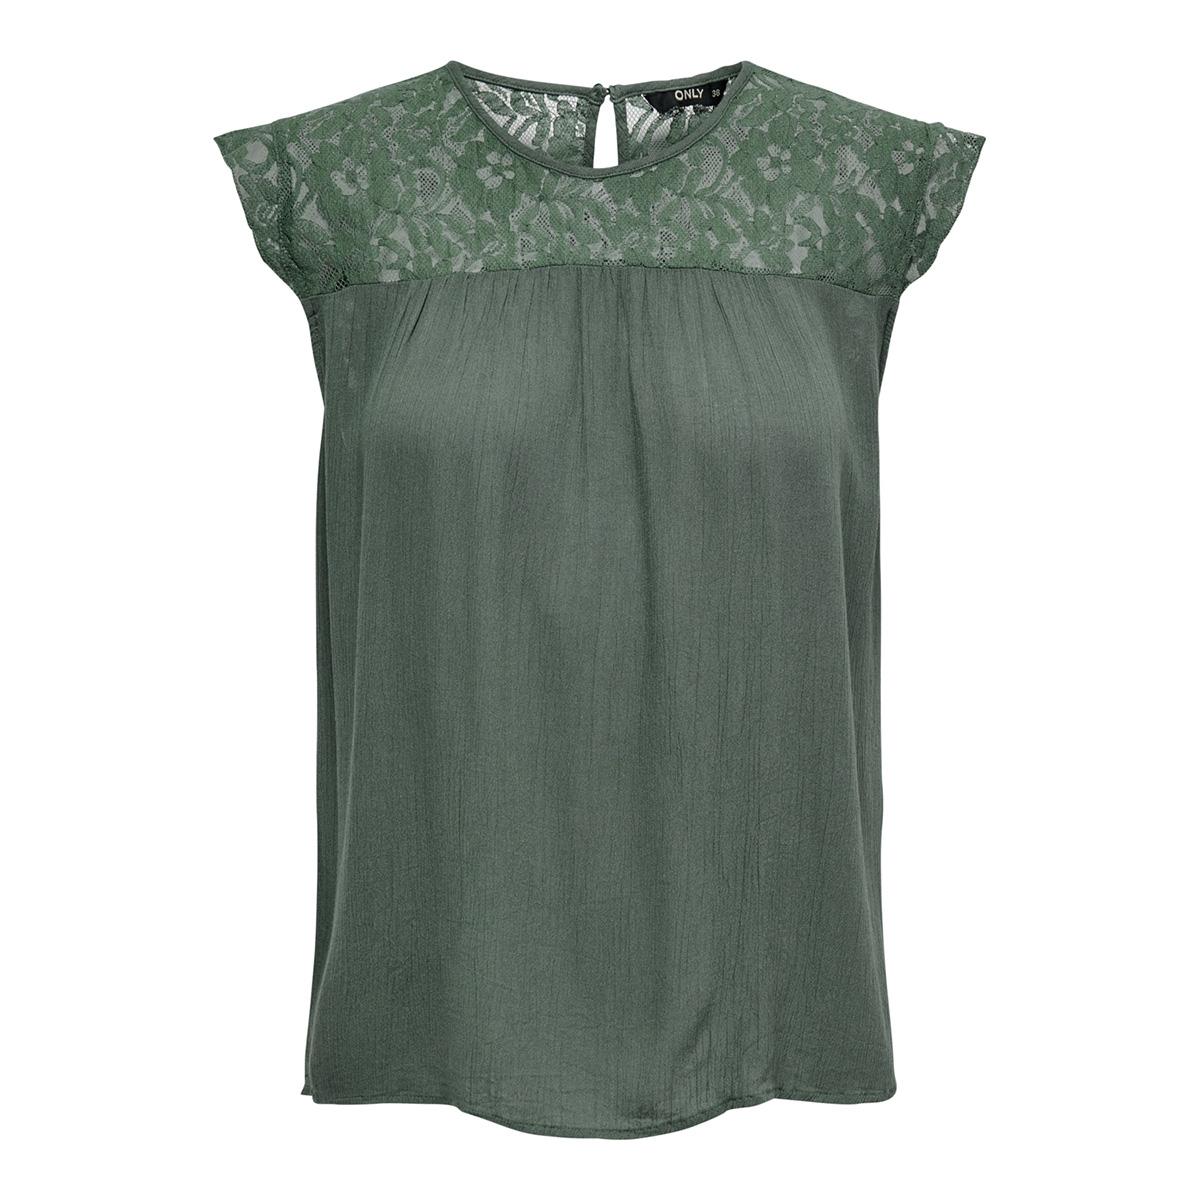 onlkarmen s/l top wvn noos 15157657 only t-shirt balsam green